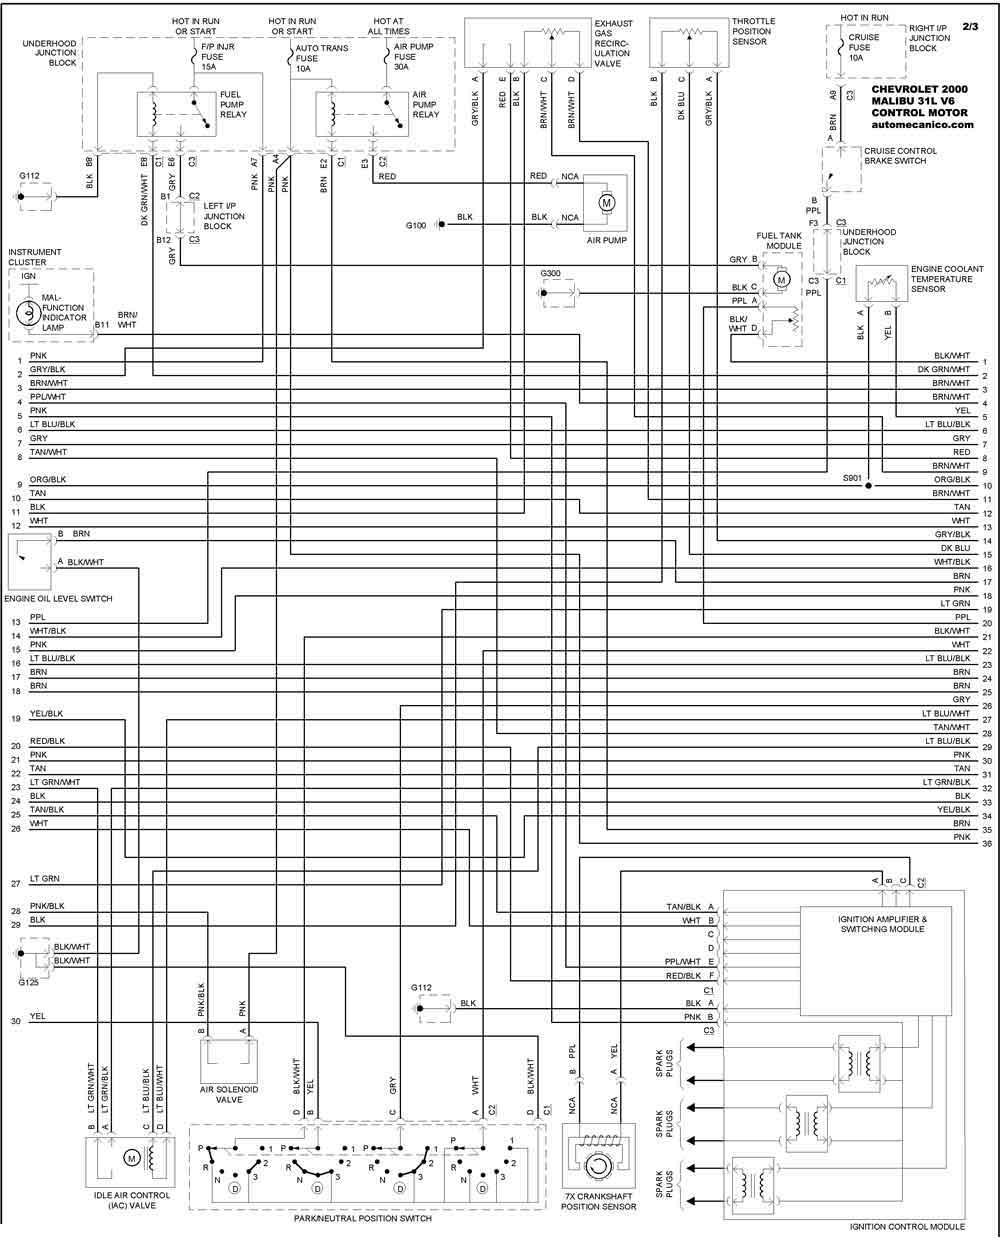 66 chevy Diagrama del motor